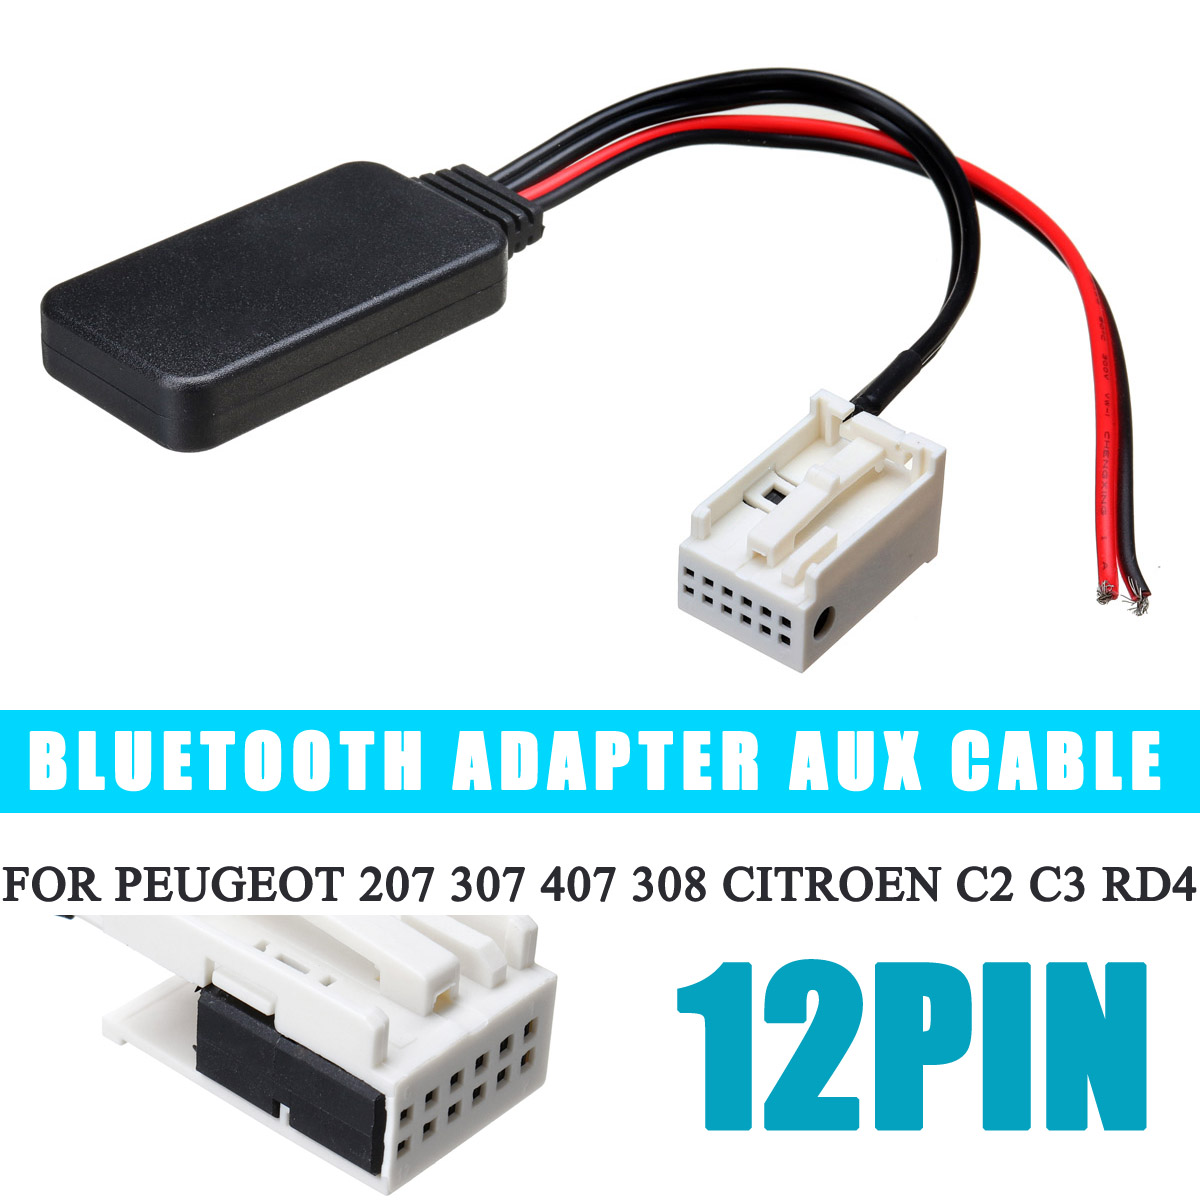 Für Peugeot 207 307 407 308 Für Citroen C2 C3 RD4 Auto 12Pin bluetooth Modul Wireless Radio Stereo AUX-IN Aux kabel Adapter